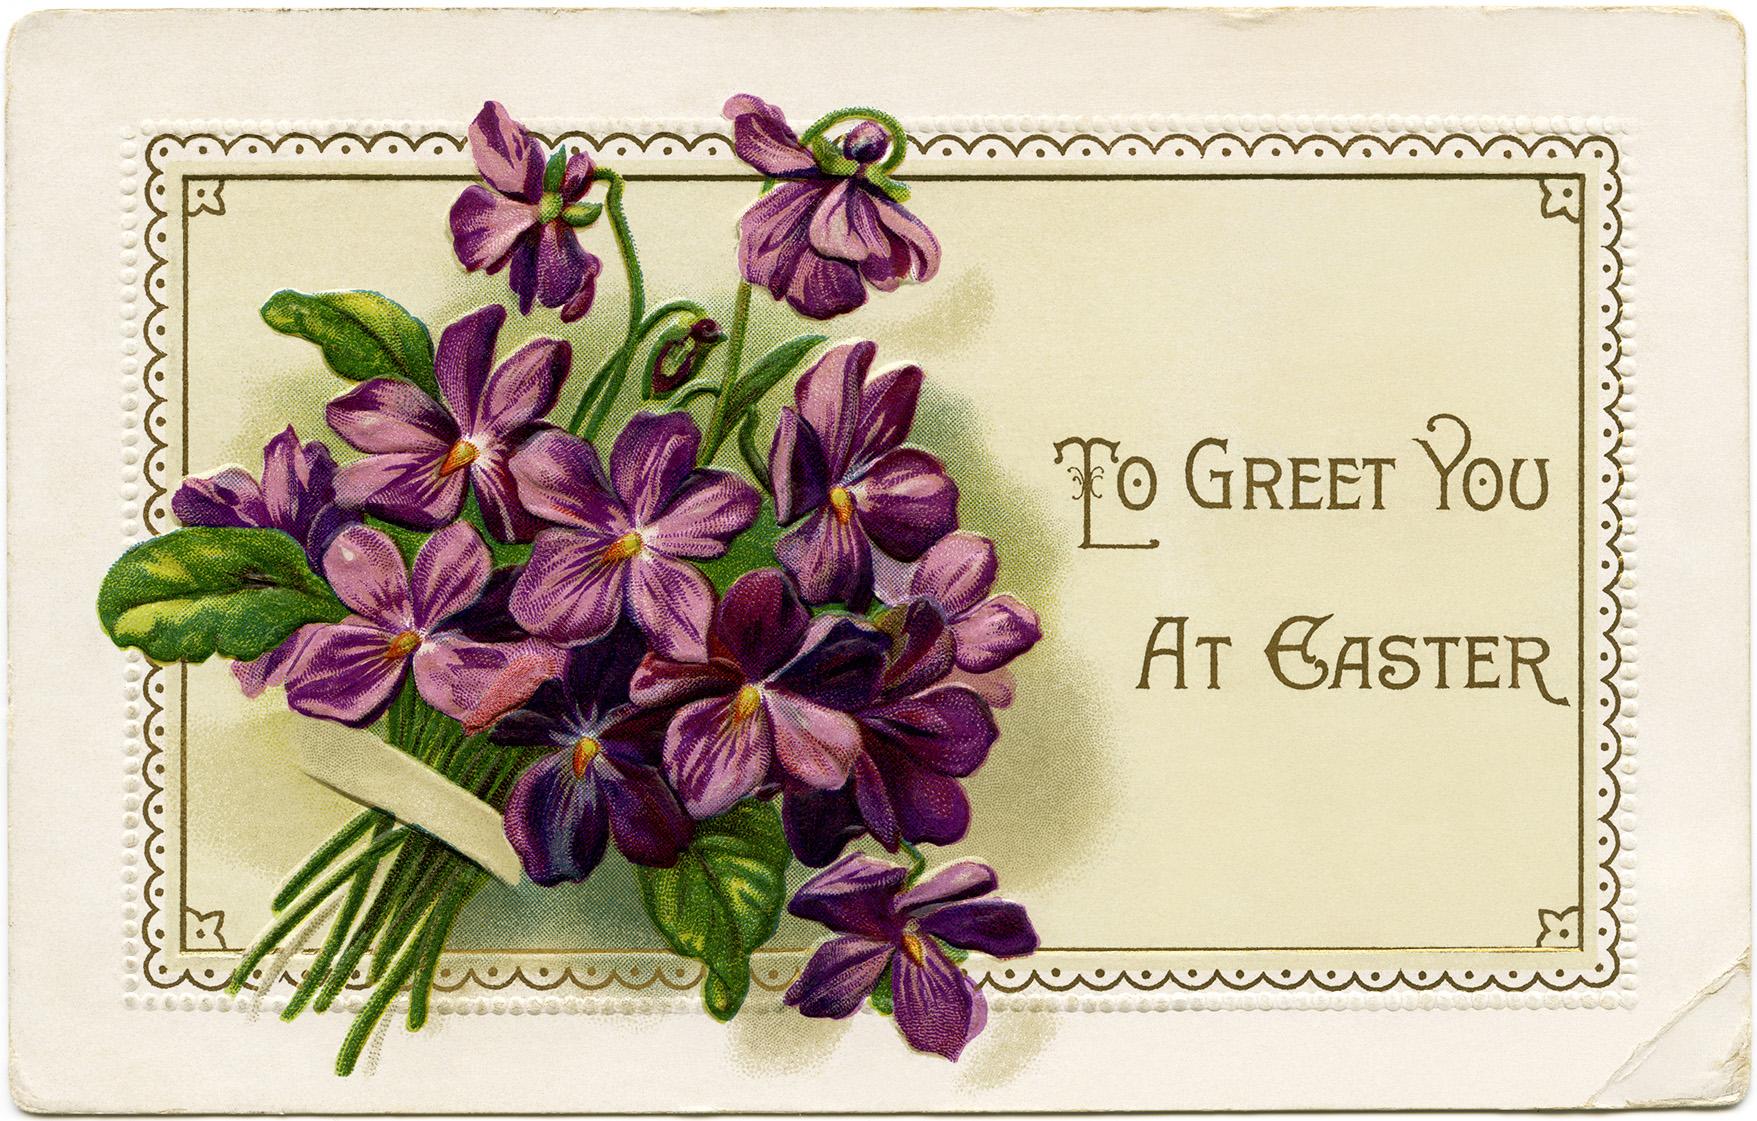 vintage easter postcard, violets clip art, old fashioned easter card, floral easter postcard, bouquet of violets illustration